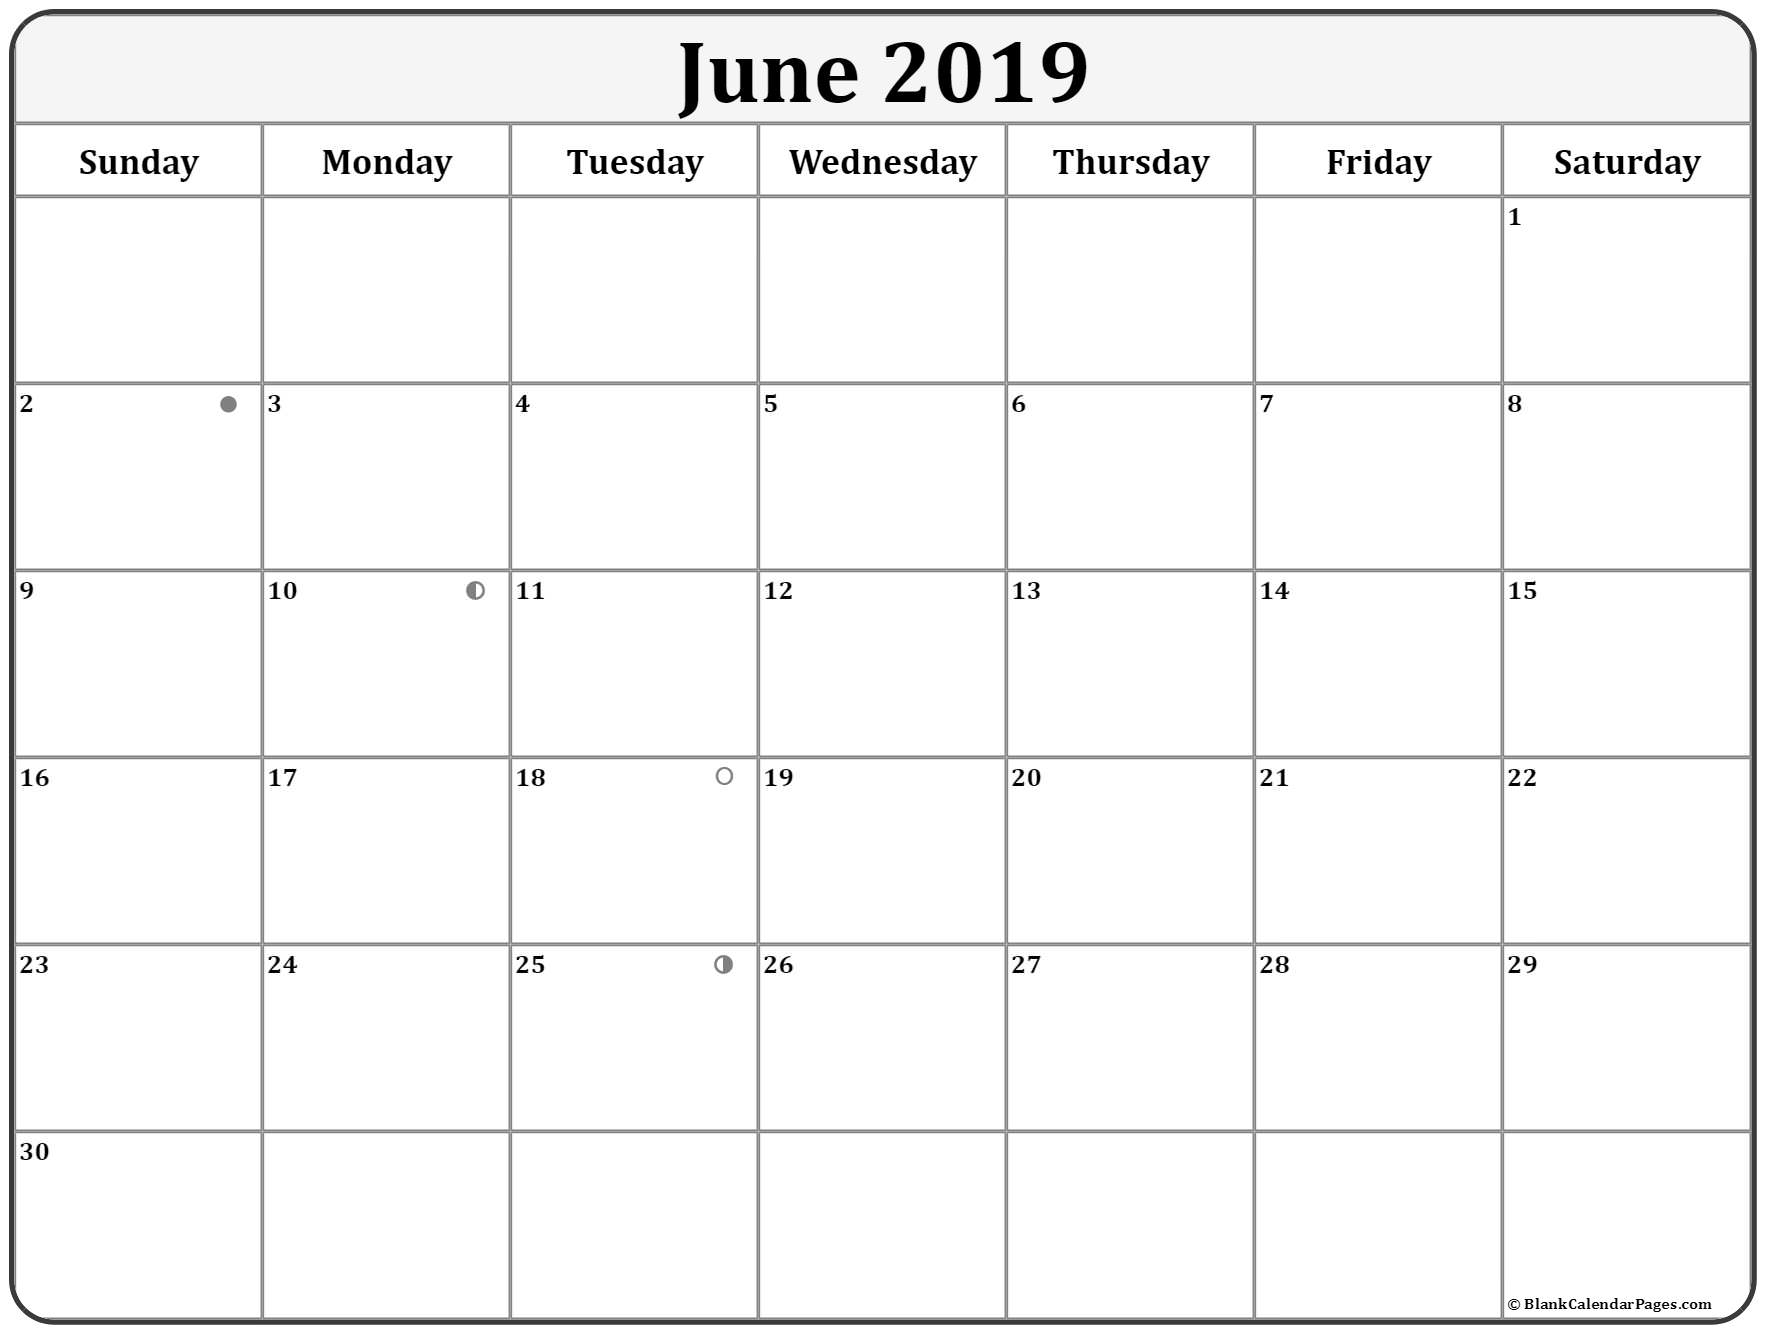 Blank Moon Phase Calendar